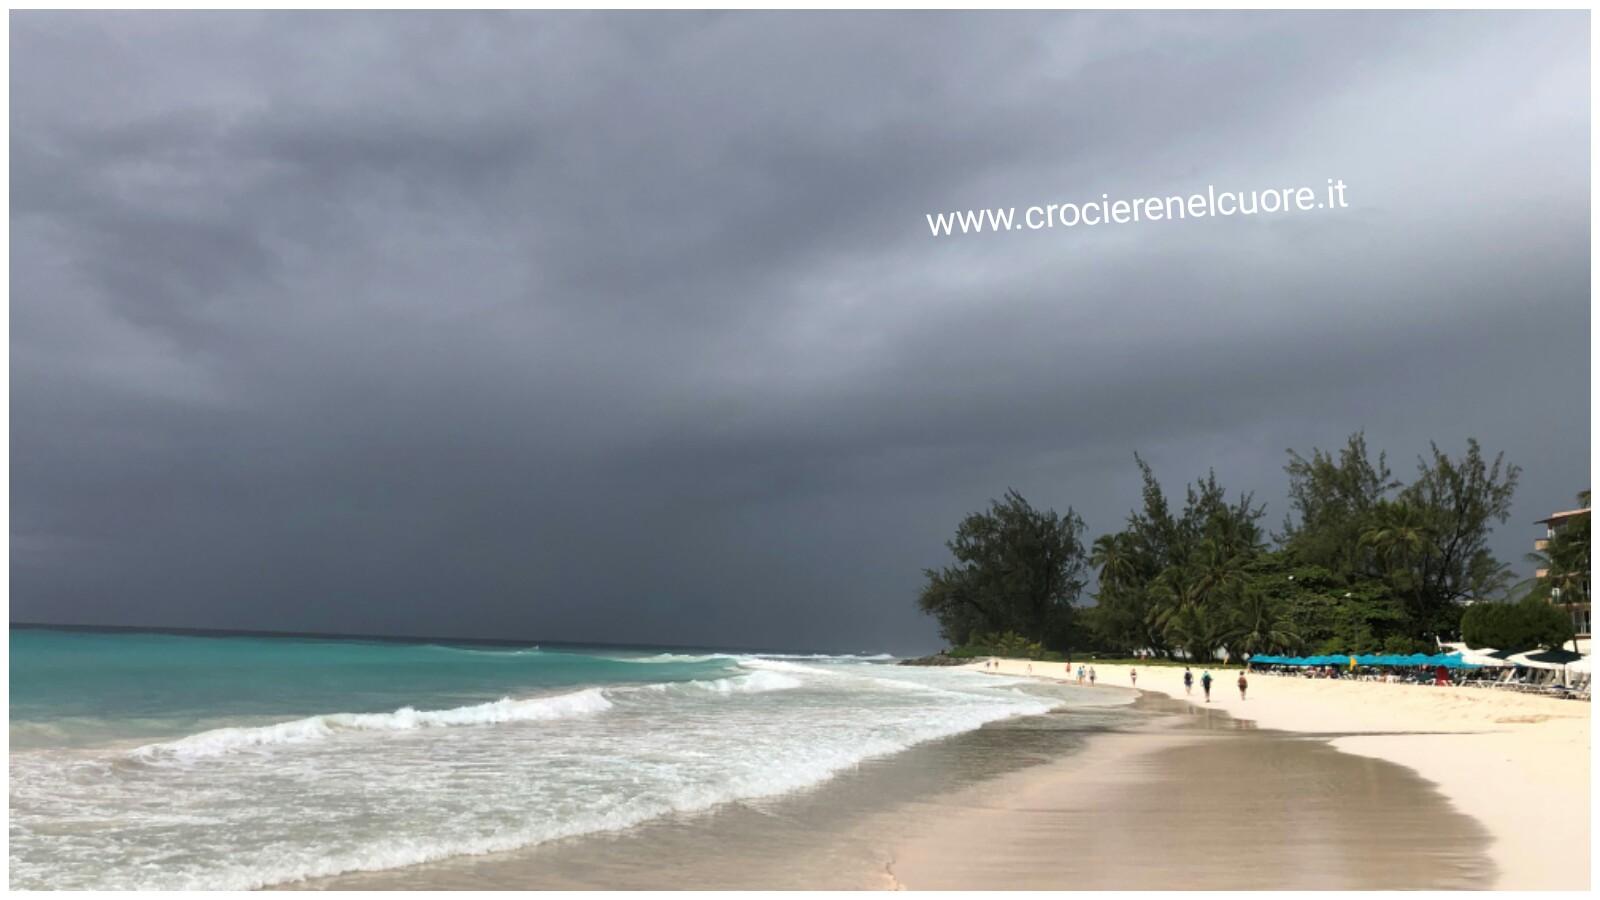 crociere nel cuore Accra Beach Barbados